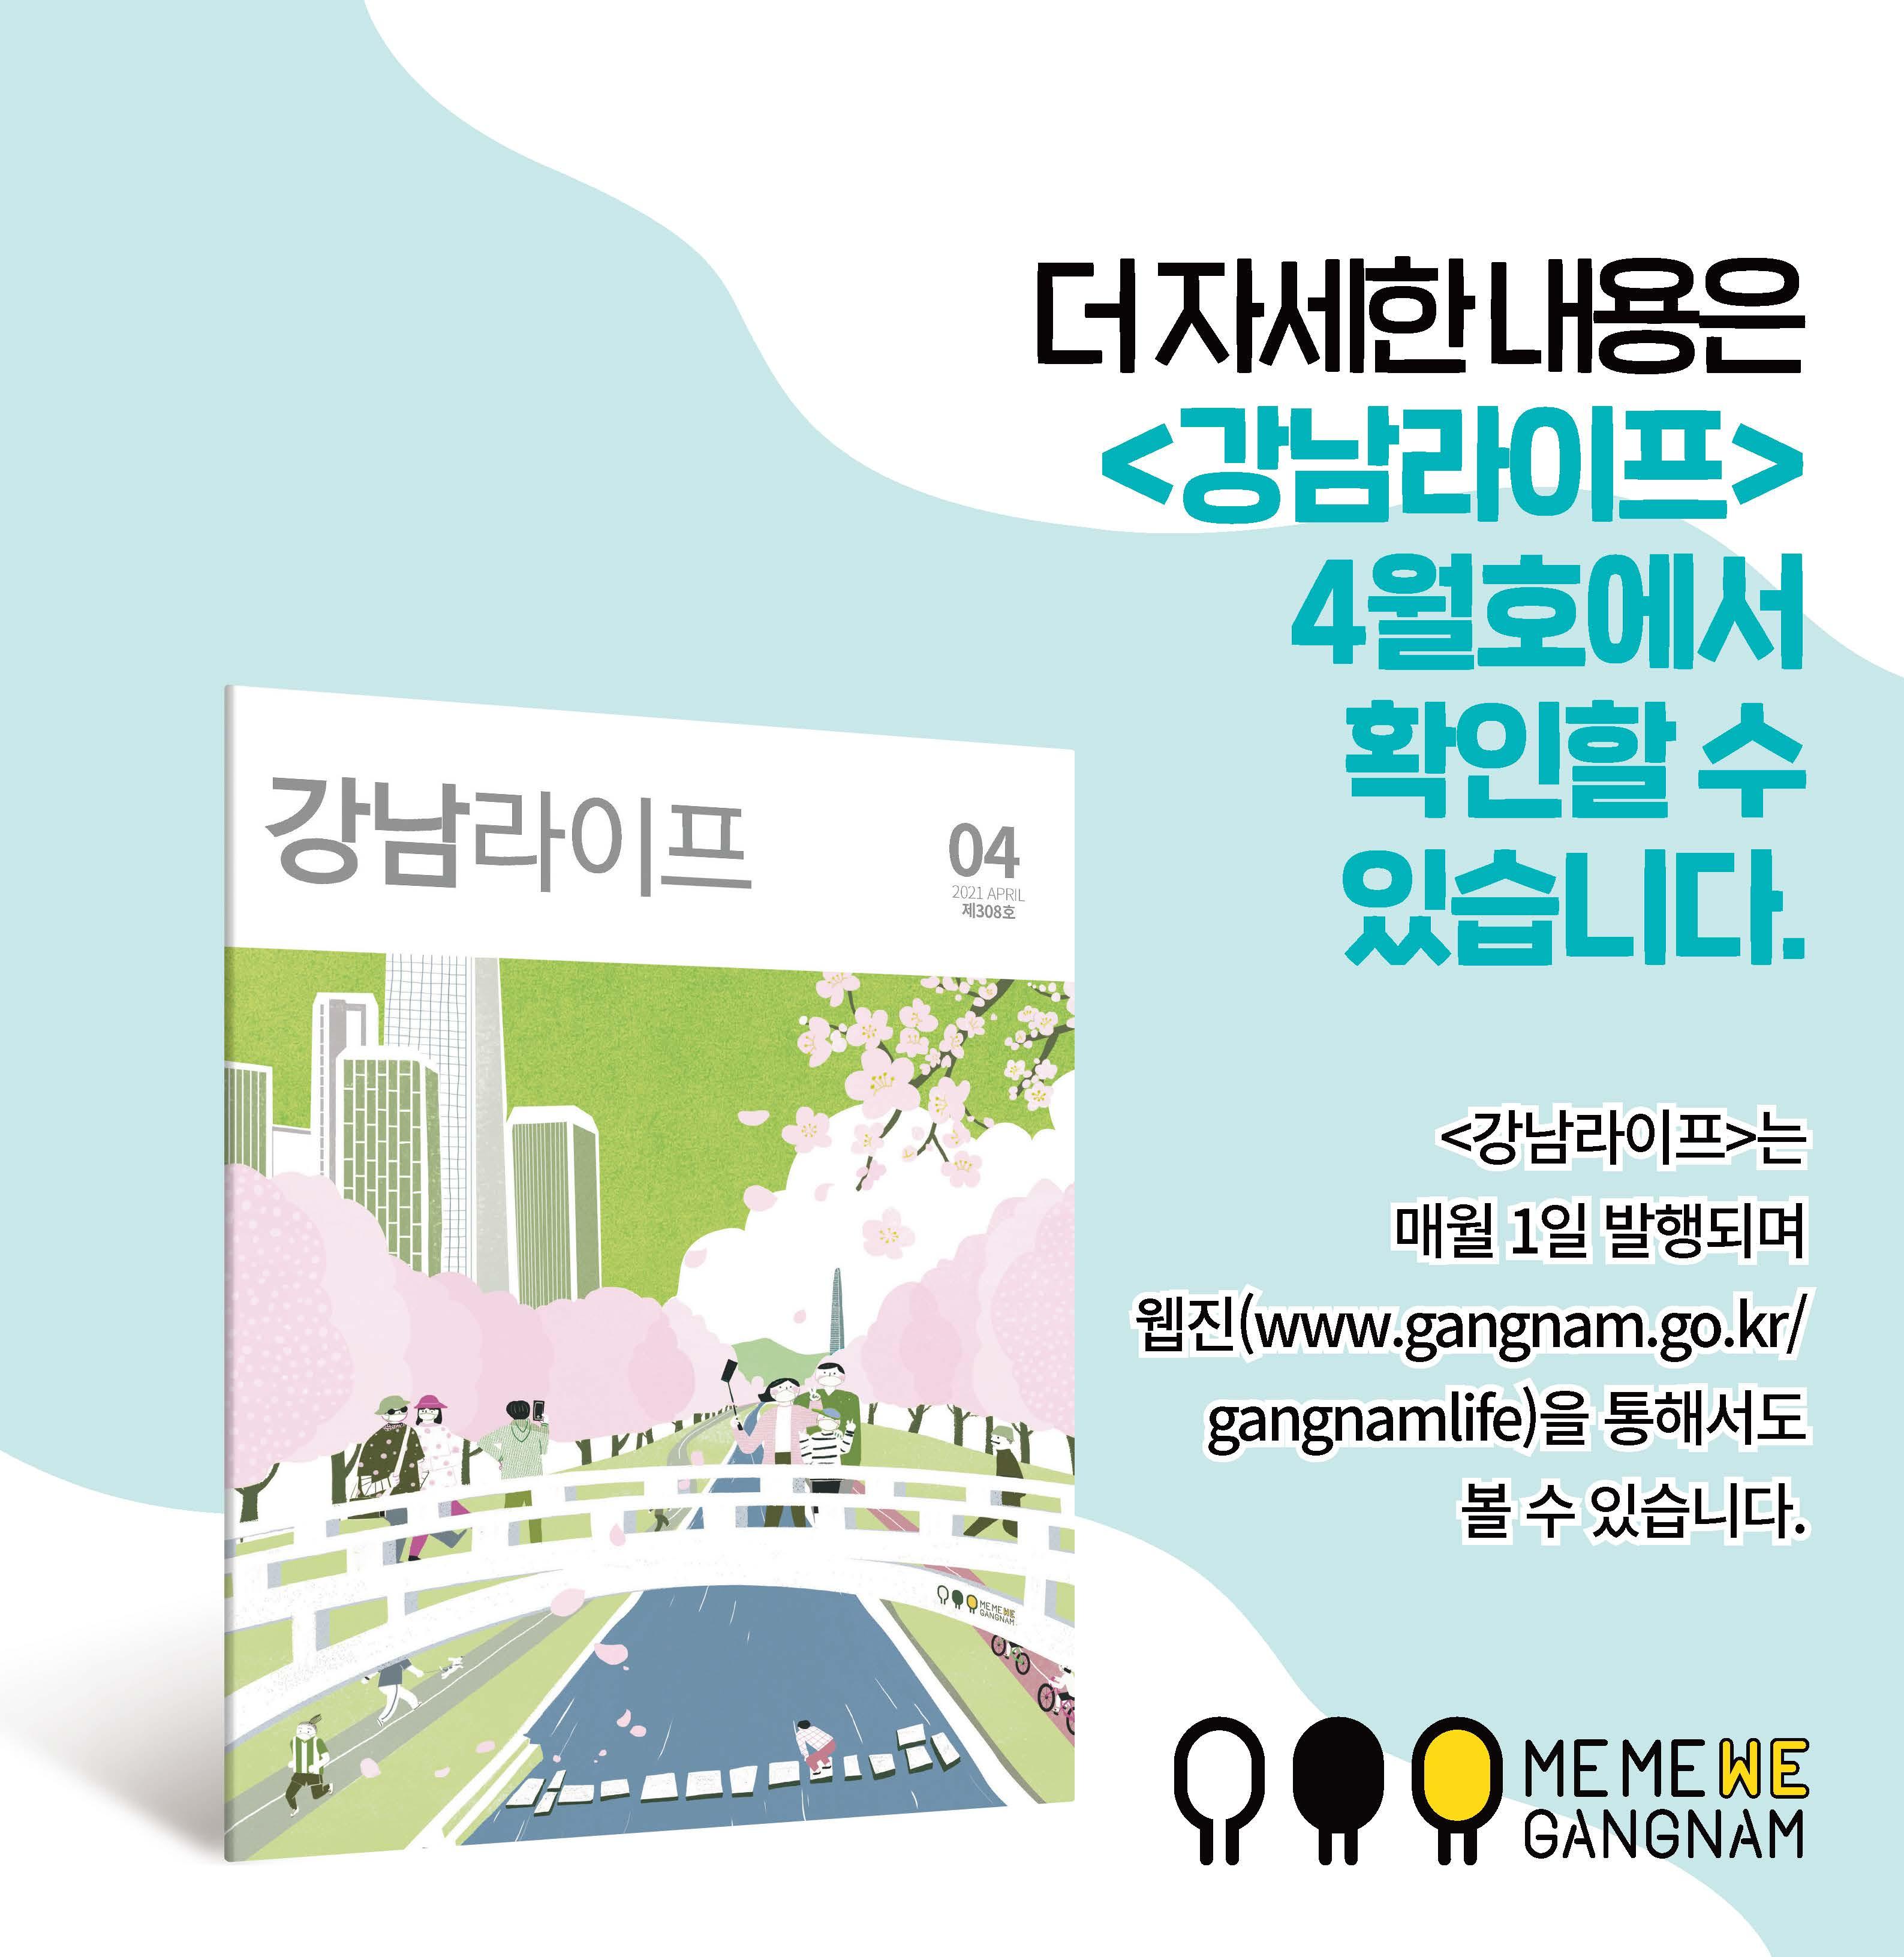 더 자세한 내용은<강남라이프>4월호에서 확인할 수 있습니다.<강남라이프>는 매월 1일 발행되며 웹진(www.gangnam.go.kr/gangnamlife)을 통해서도 볼 수 있습니다.